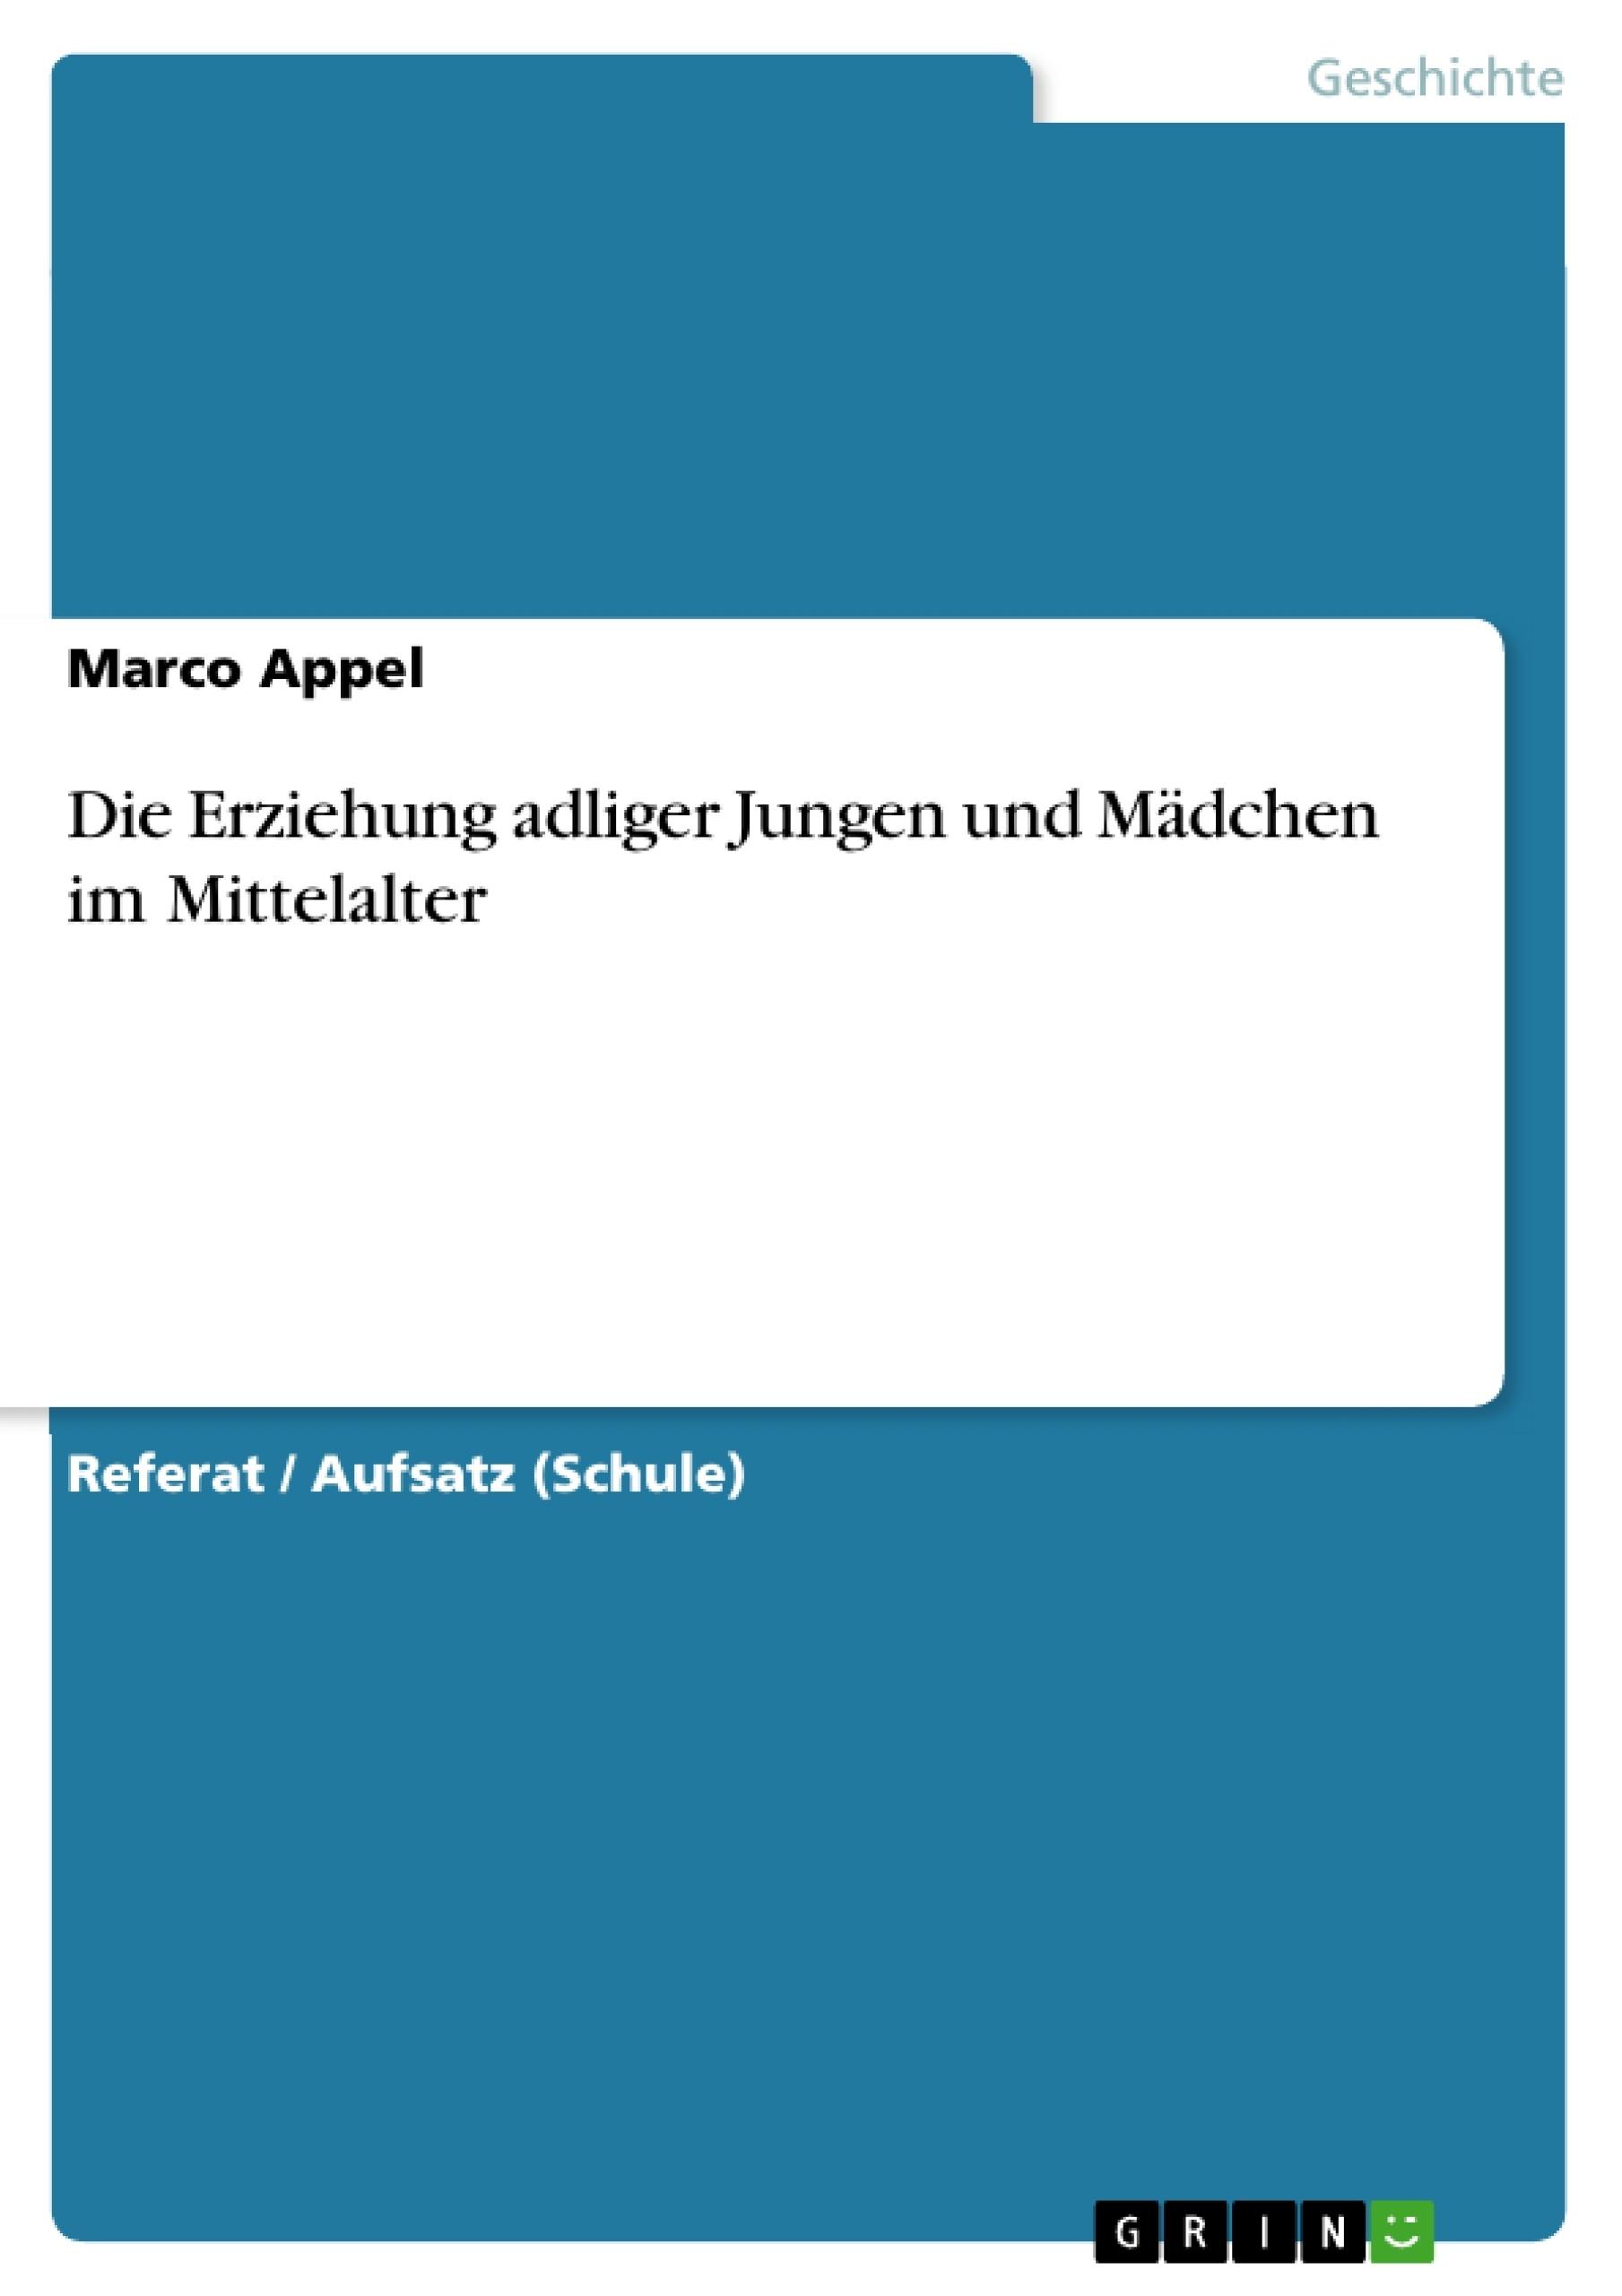 Titel: Die Erziehung adliger Jungen und Mädchen im Mittelalter